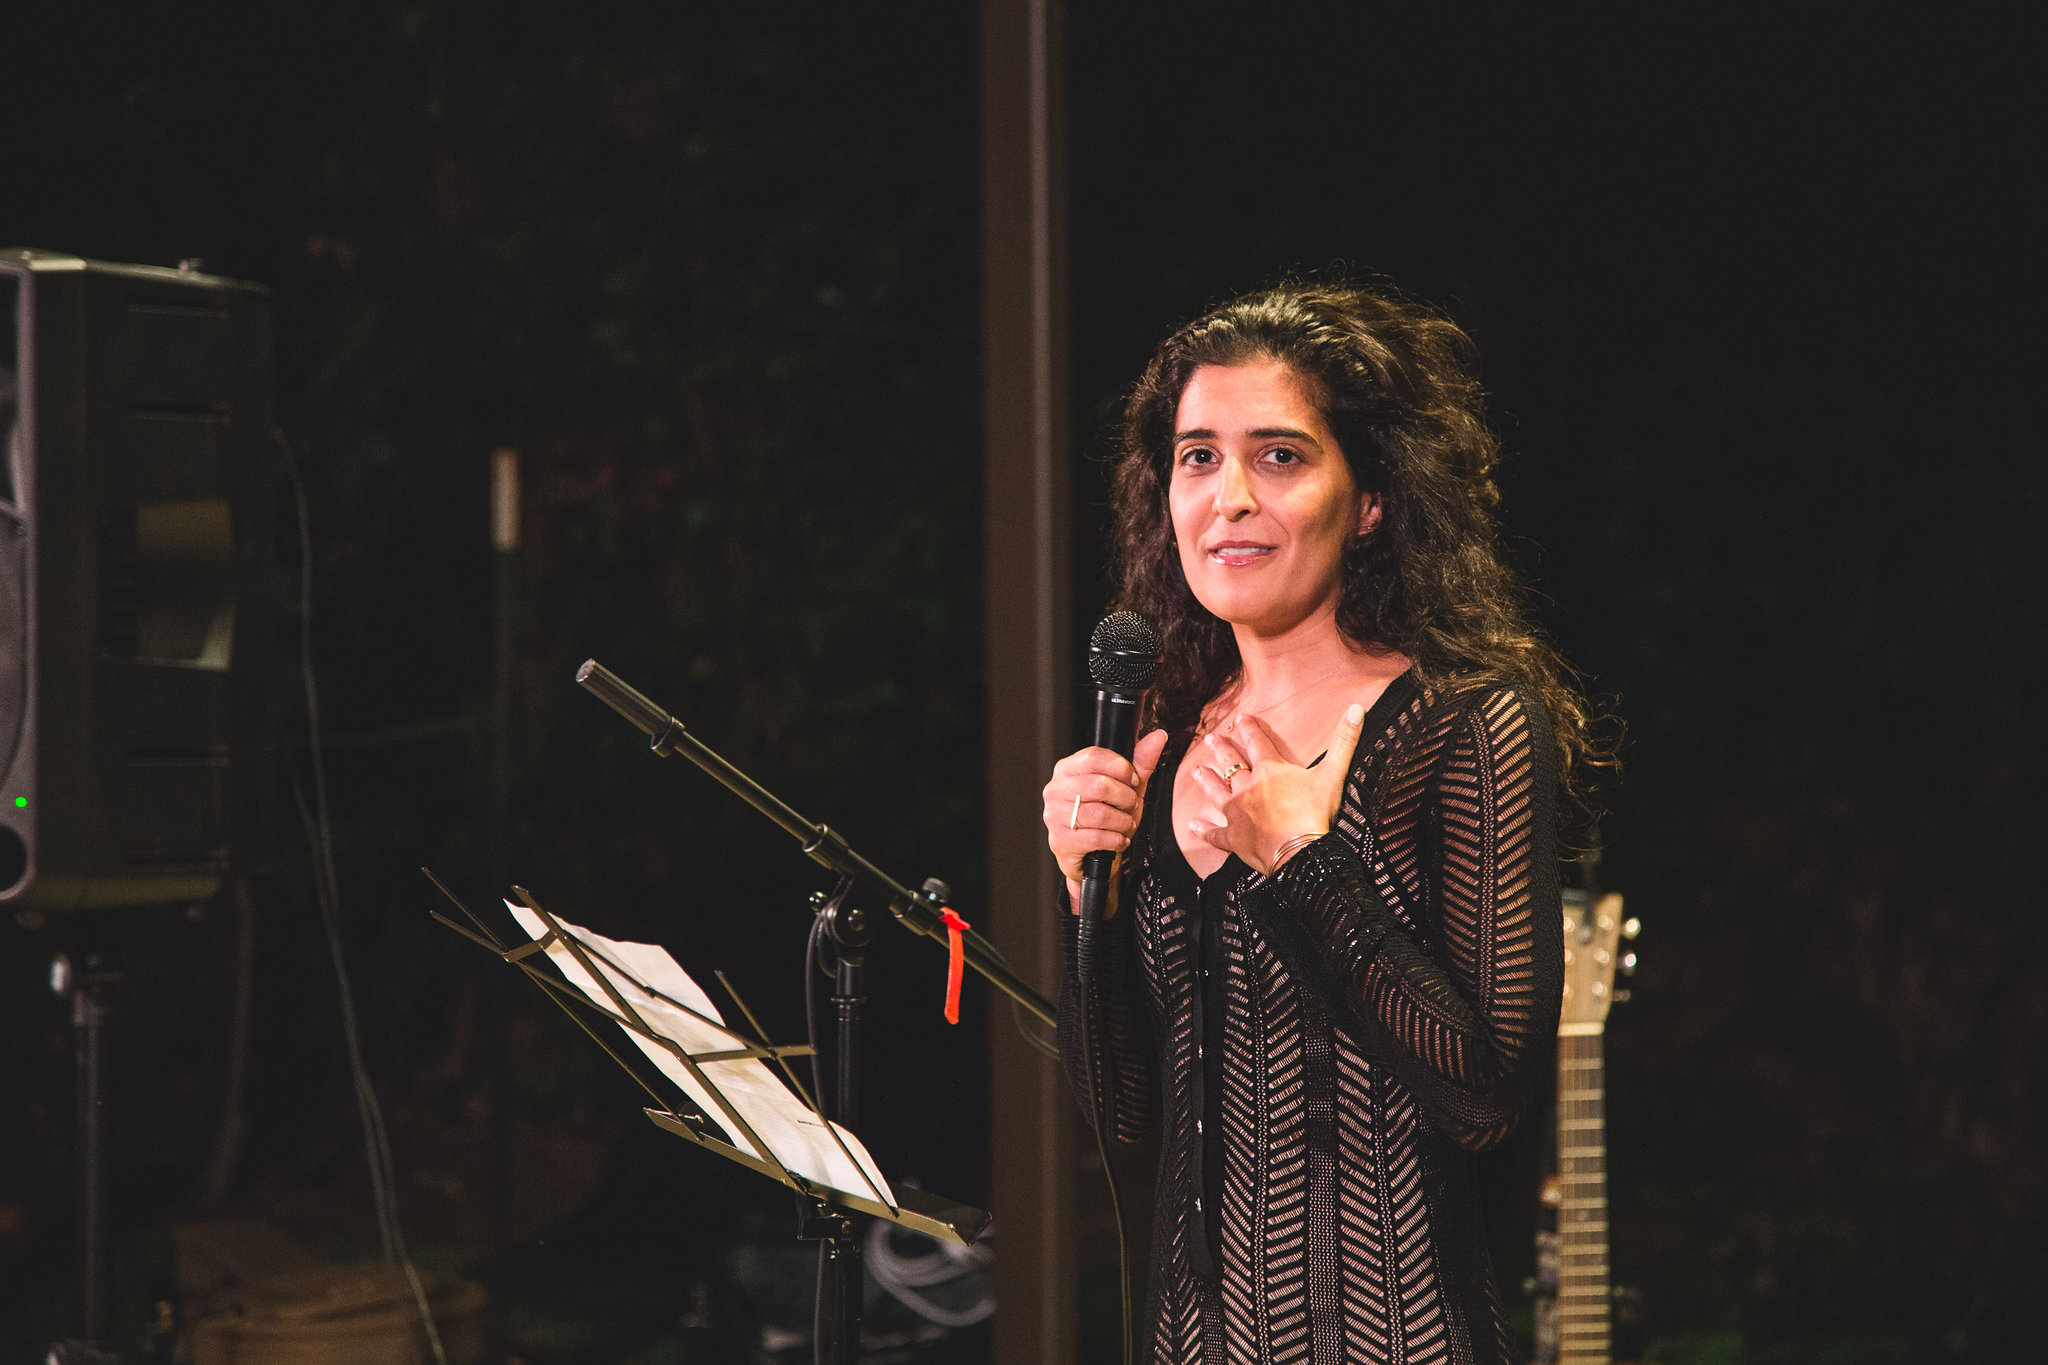 Annahita Varahrami